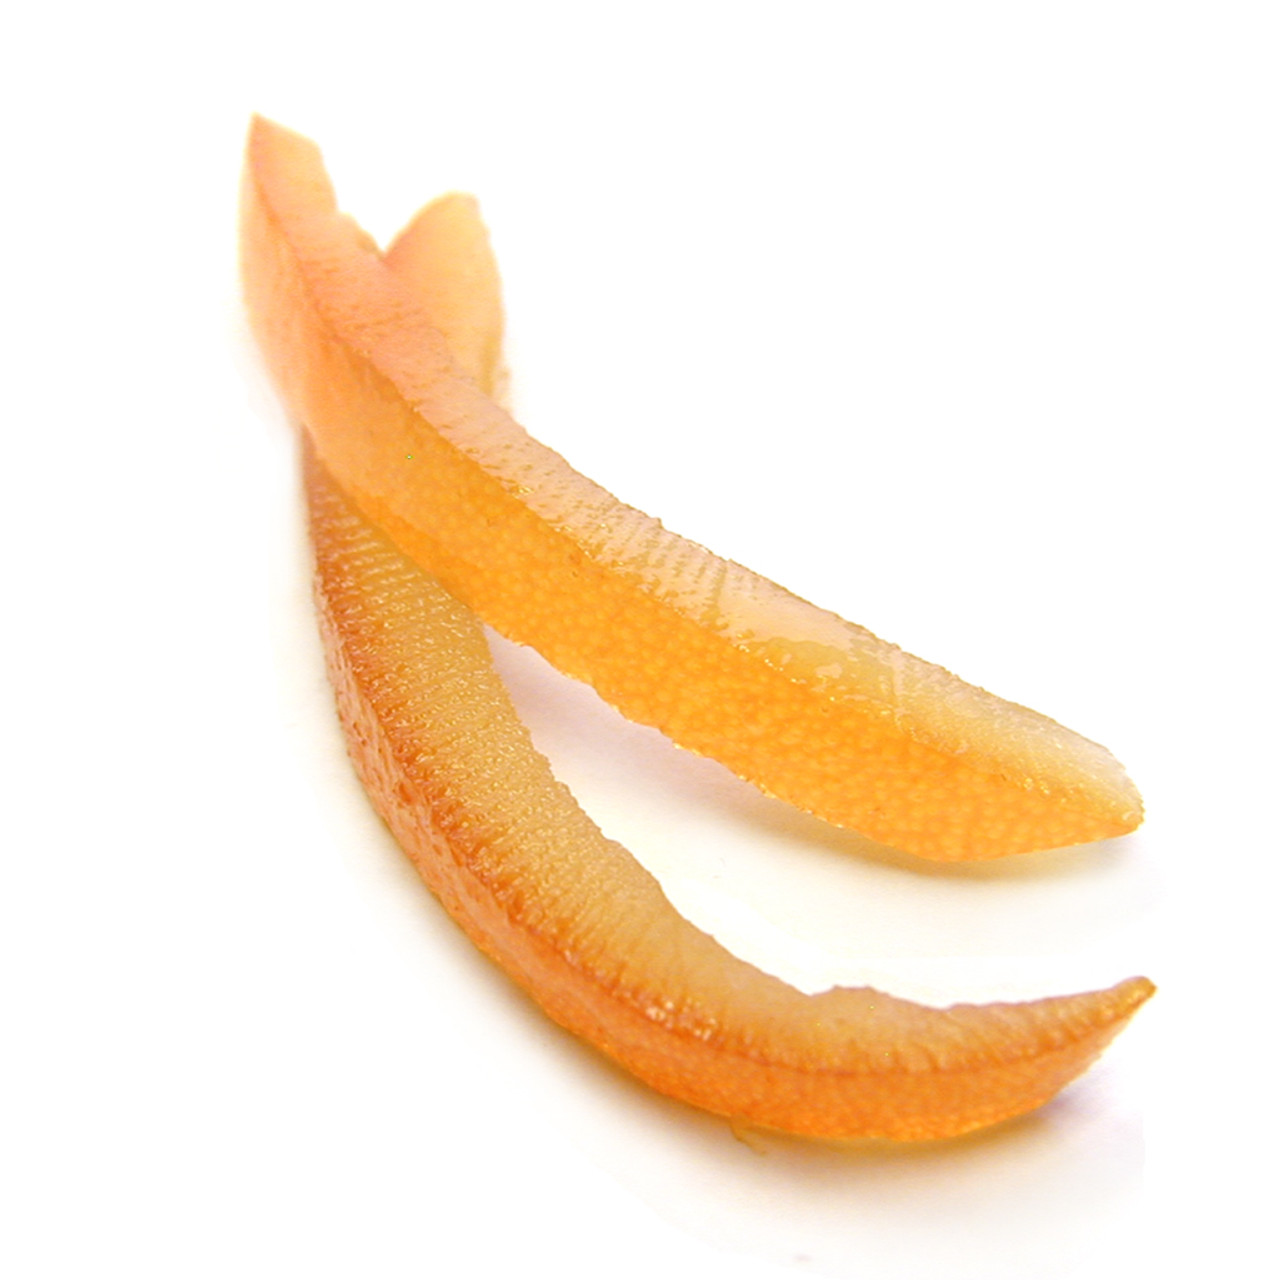 Candied Orange Peel 1kg